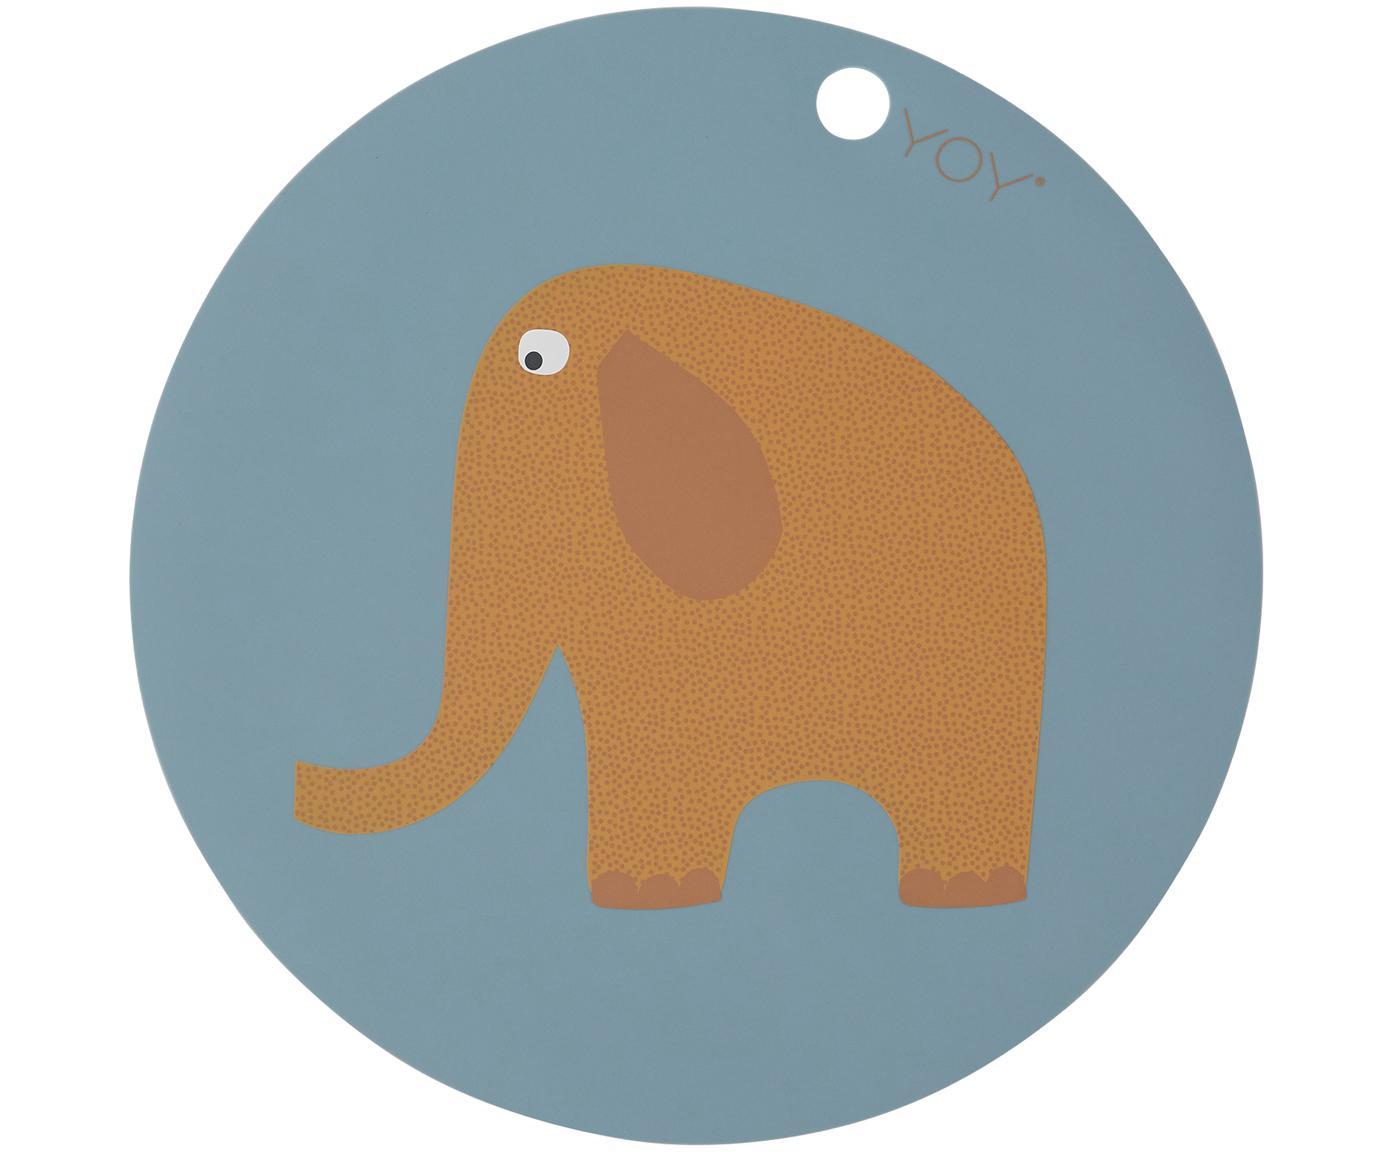 Tovaglietta in silicone con elefantino Elephant, Silicone, Blu, marrone, arancione, bianco, nero, Ø 39 cm